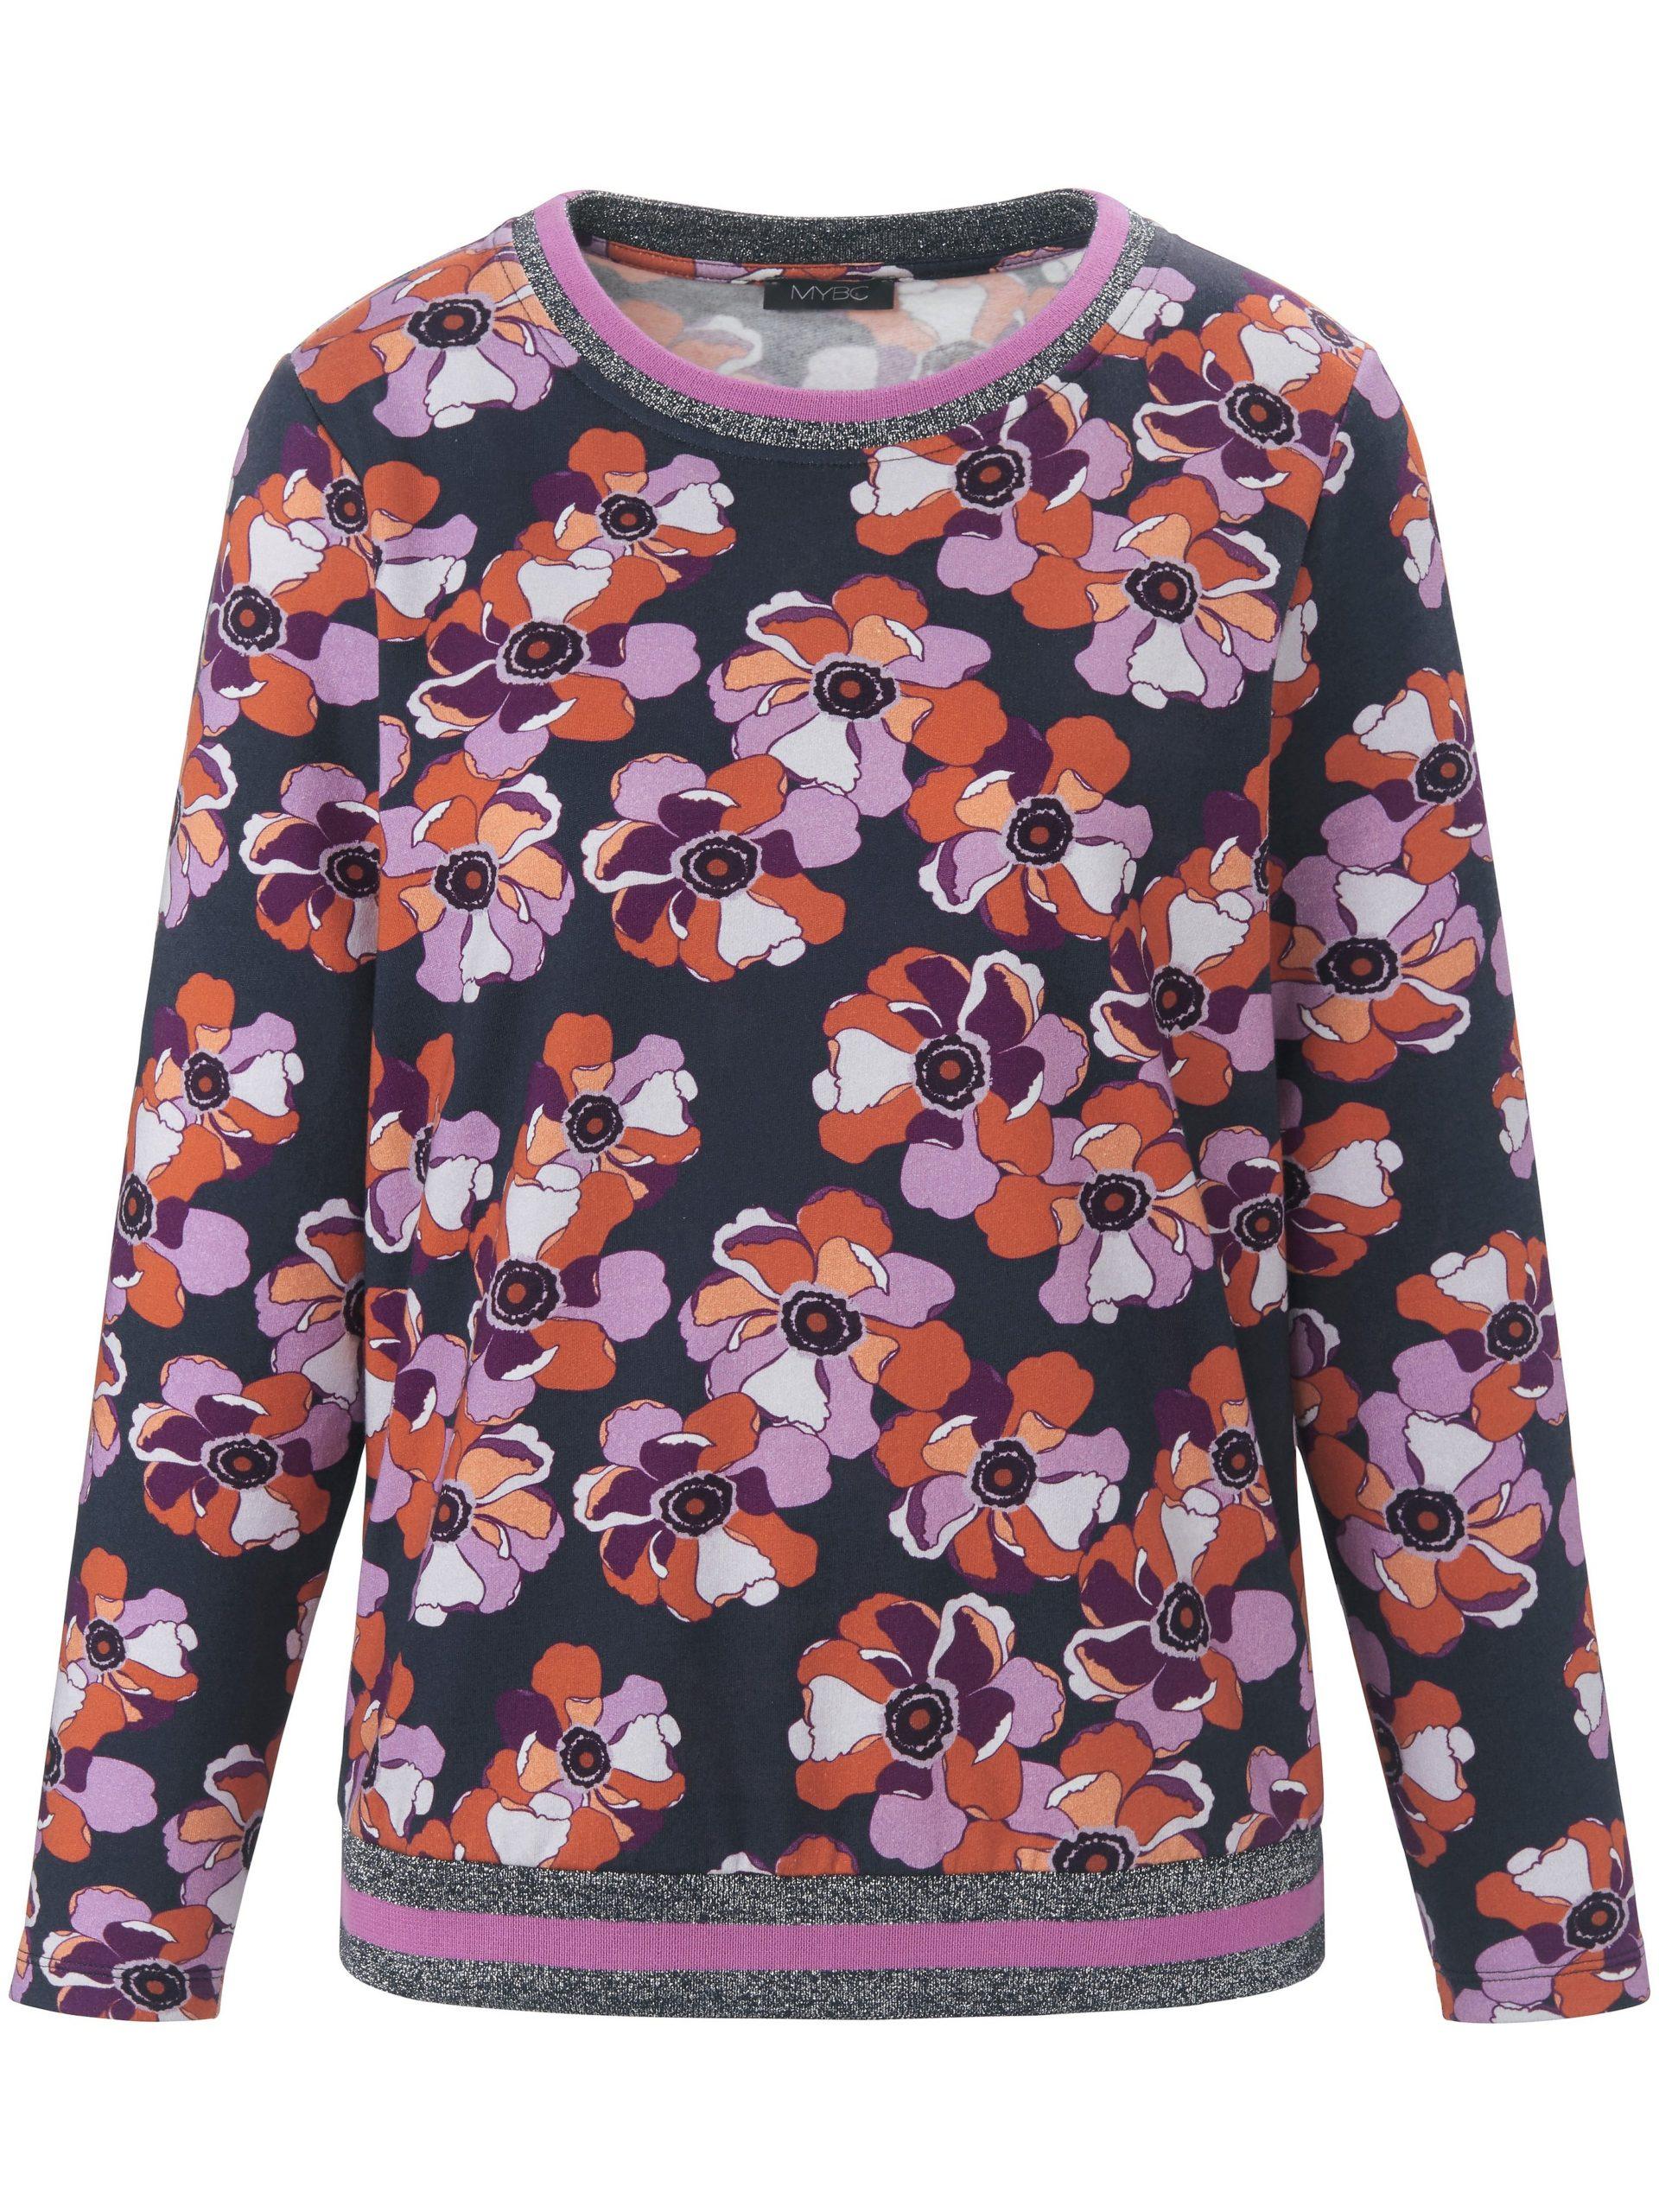 Sweatshirt met lange mouwen en bloemenprint Van MYBC multicolour Kopen